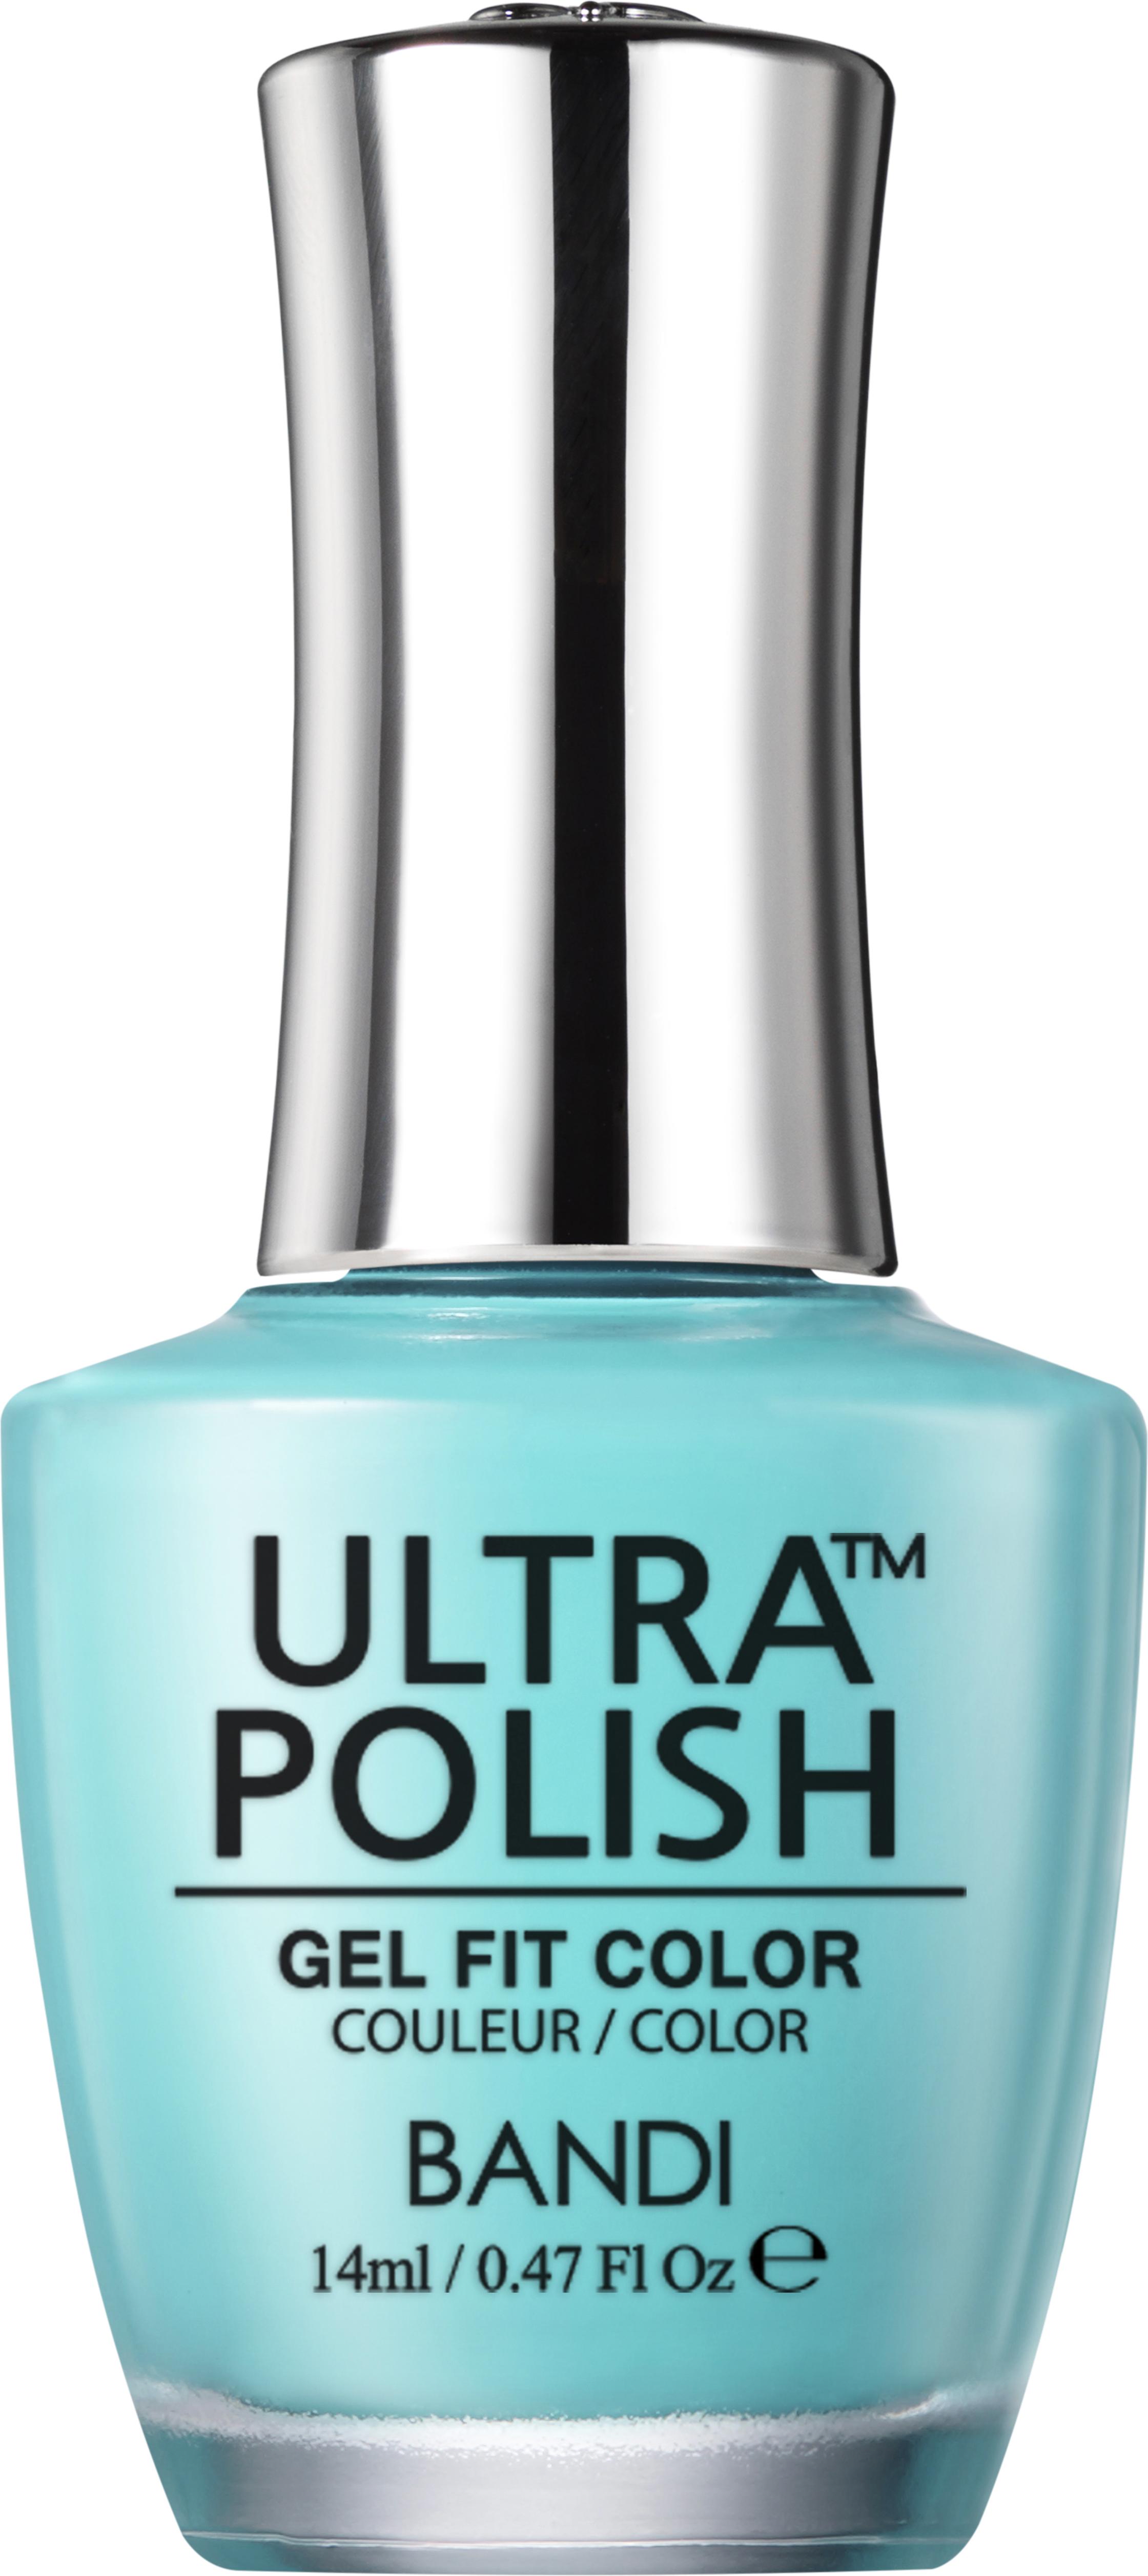 Купить BANDI UP405 ультра-покрытие долговременное цветное для ногтей / ULTRA POLISH GEL FIT COLOR 14 мл, Синие